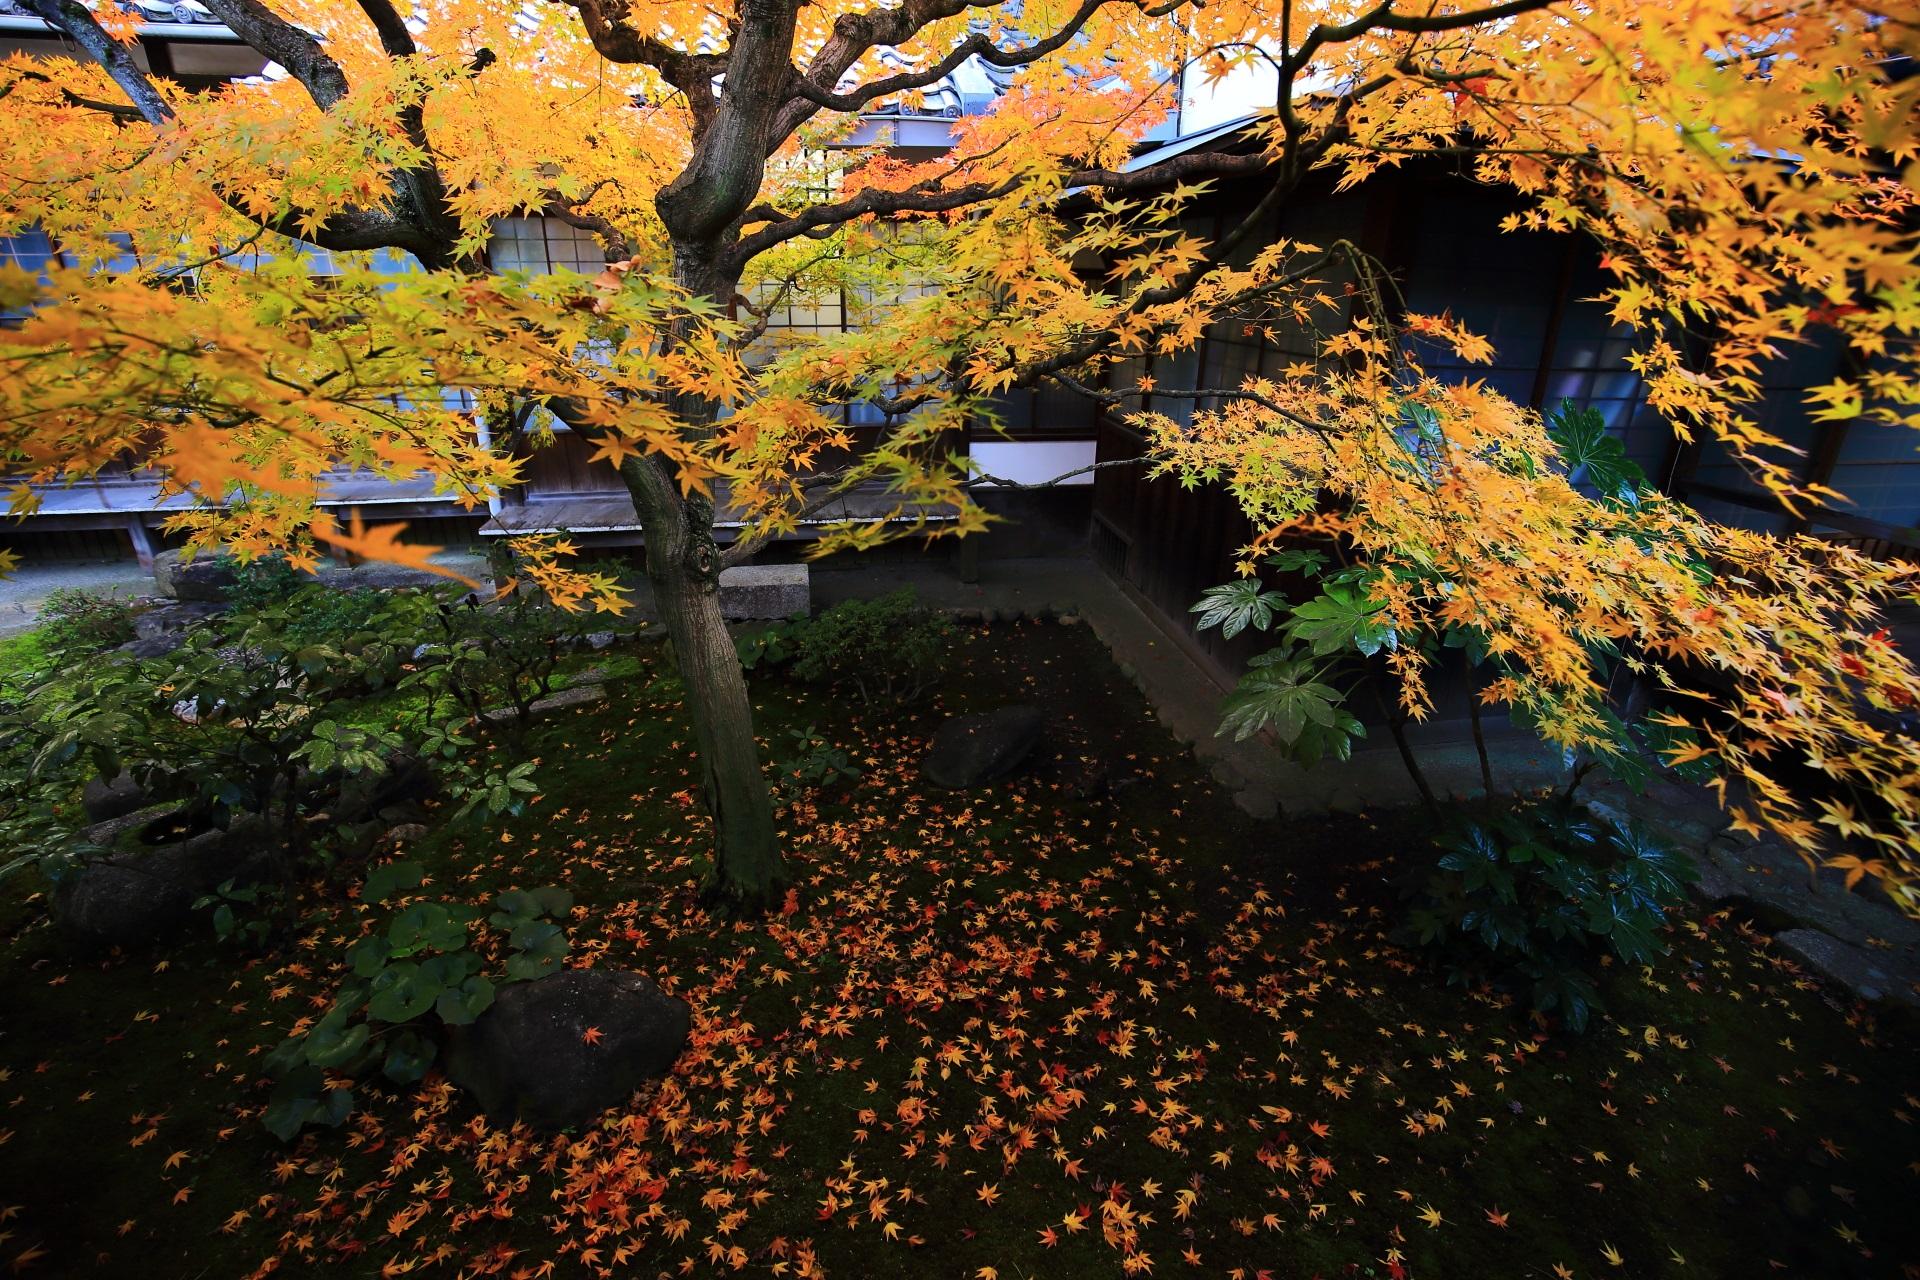 本法寺の巴の庭の入り口付近の回廊の庭園の紅葉